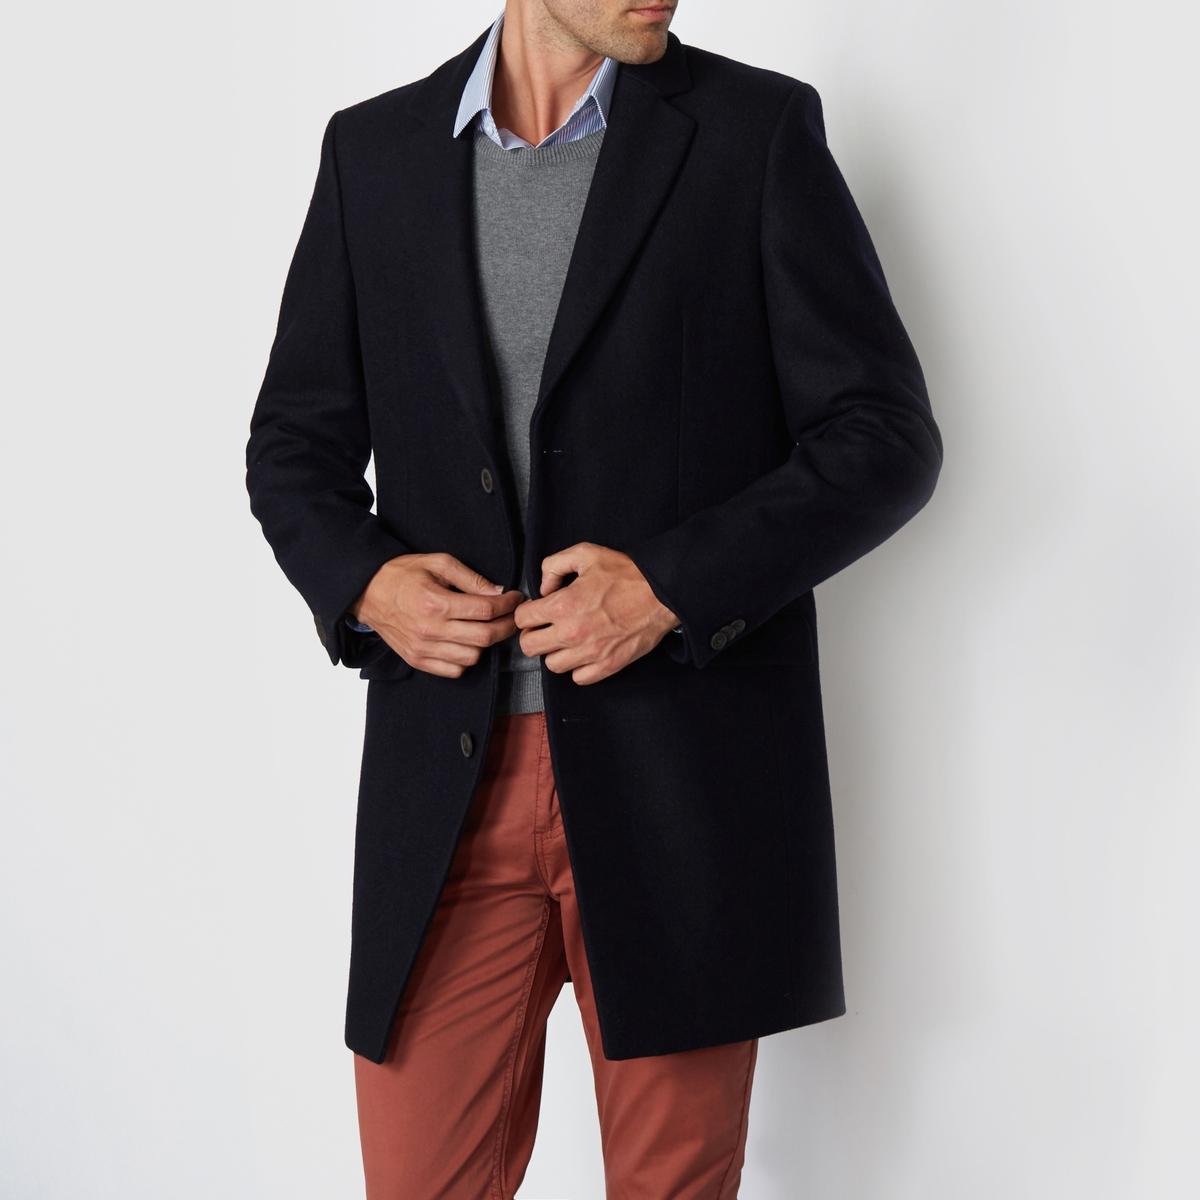 Пальто из шерстяного драпа, 66% шерстиСостав и описание:Материал: 66% шерсти, 26% полиэстера, 3% полиамида, 3% акрила, 2% вискозы.Подкладка: 100% полиэстера.Марка: R essentiel.<br><br>Цвет: темно-синий<br>Размер: 3XL.L.M